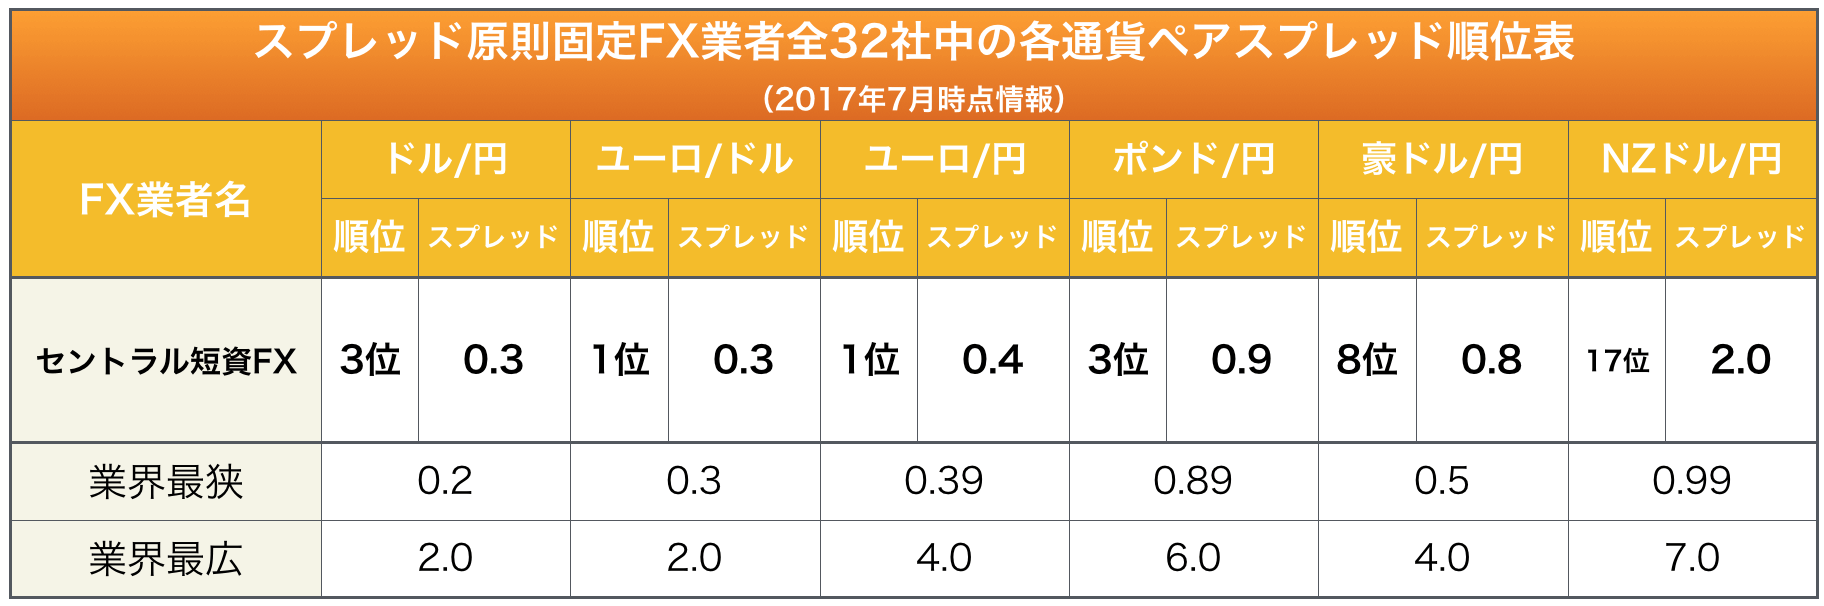 セントラル短資FXの主要通貨ペアに於けるスプレッド